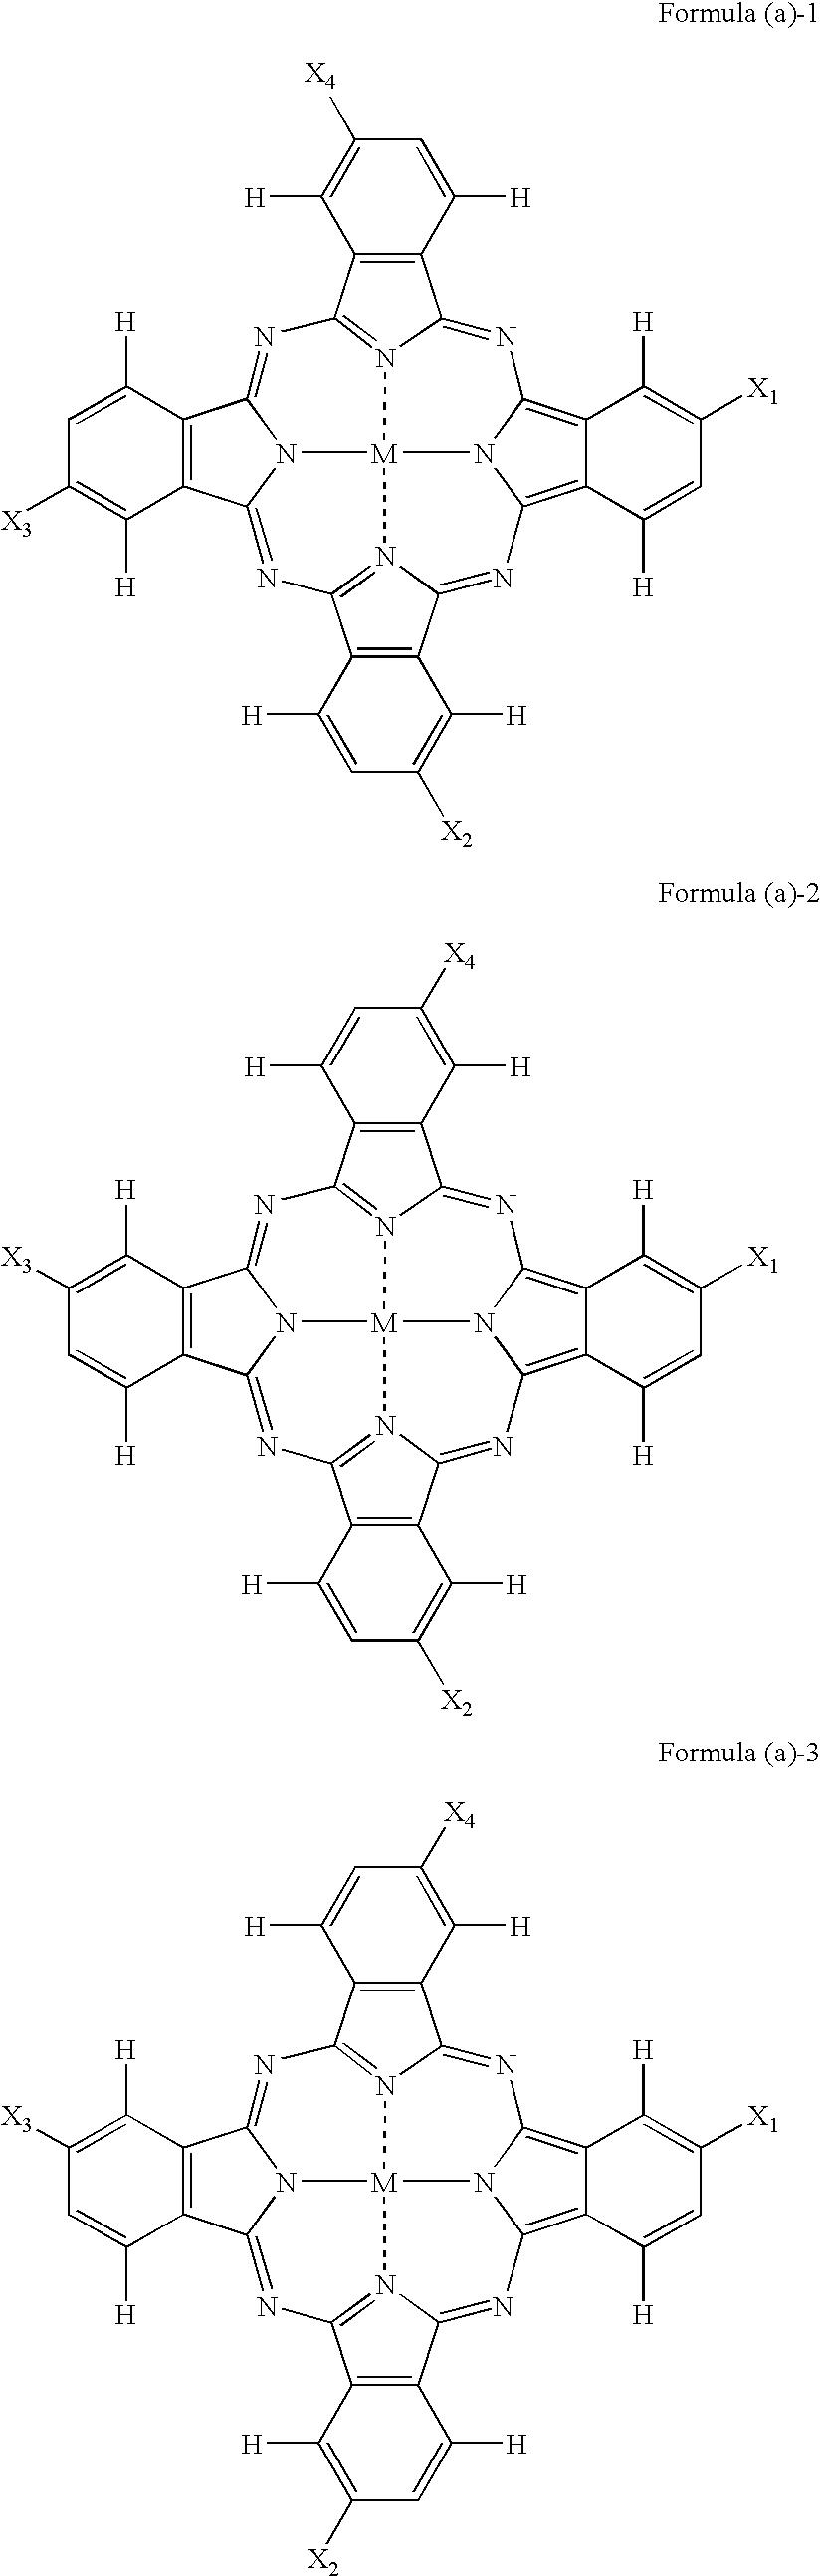 Figure US20040246321A1-20041209-C00007